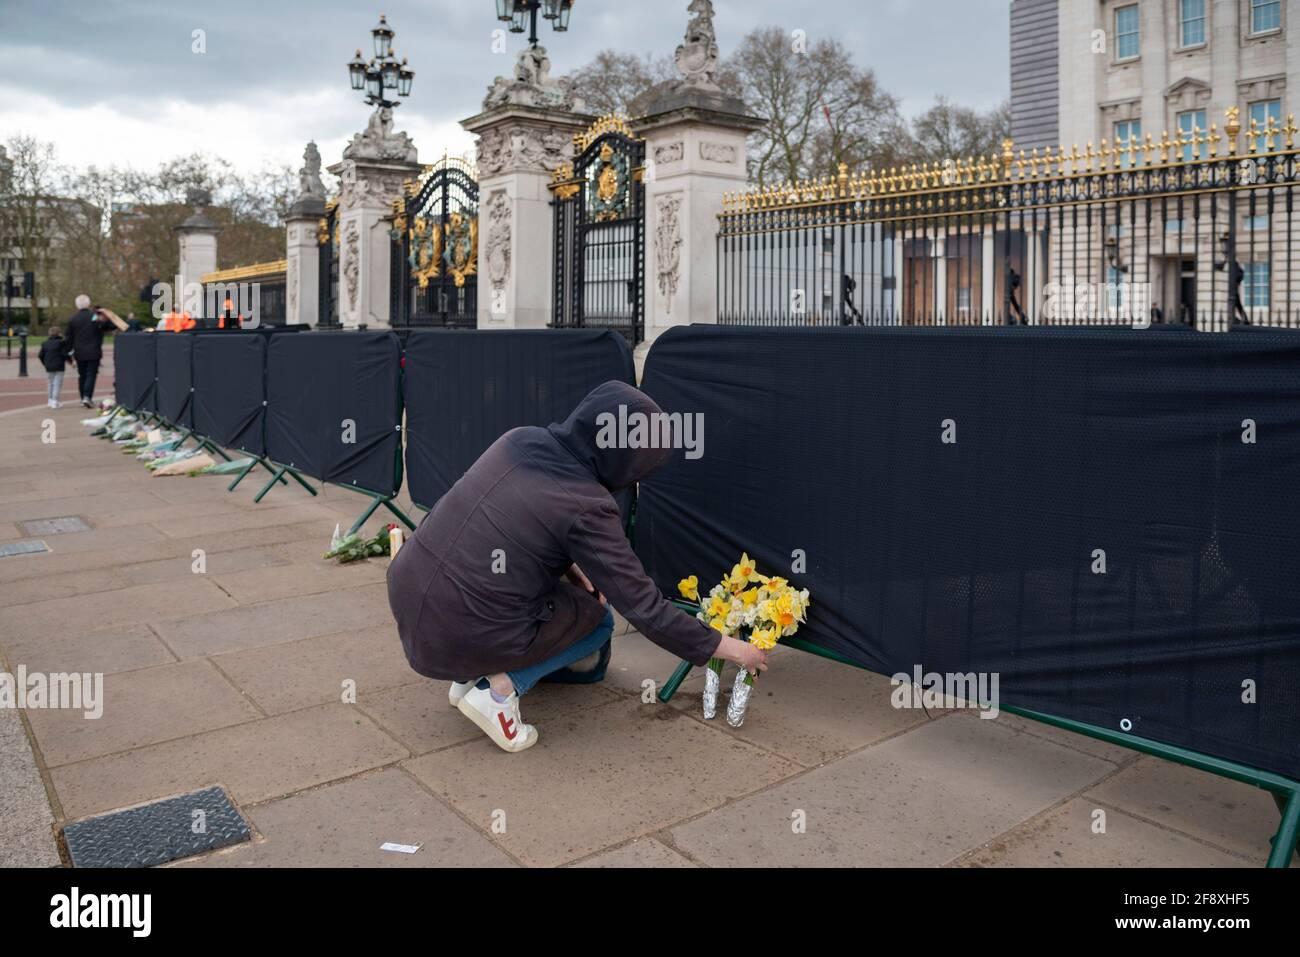 Londres, Royaume-Uni. 15 avril 2021. Les adeptes du wishers quittent les hommages floraux devant Buckingham Palace pour le HRH Prince Phillip à Londres, au Royaume-Uni, le 15 avril 2021. Les funérailles royales de cérémonie du prince Philip, duc d'Édimbourg auront lieu le 17 avril au château de Windsor.(photo de Claire Doherty/Sipa USA) crédit : SIPA US/Alay Live News Banque D'Images